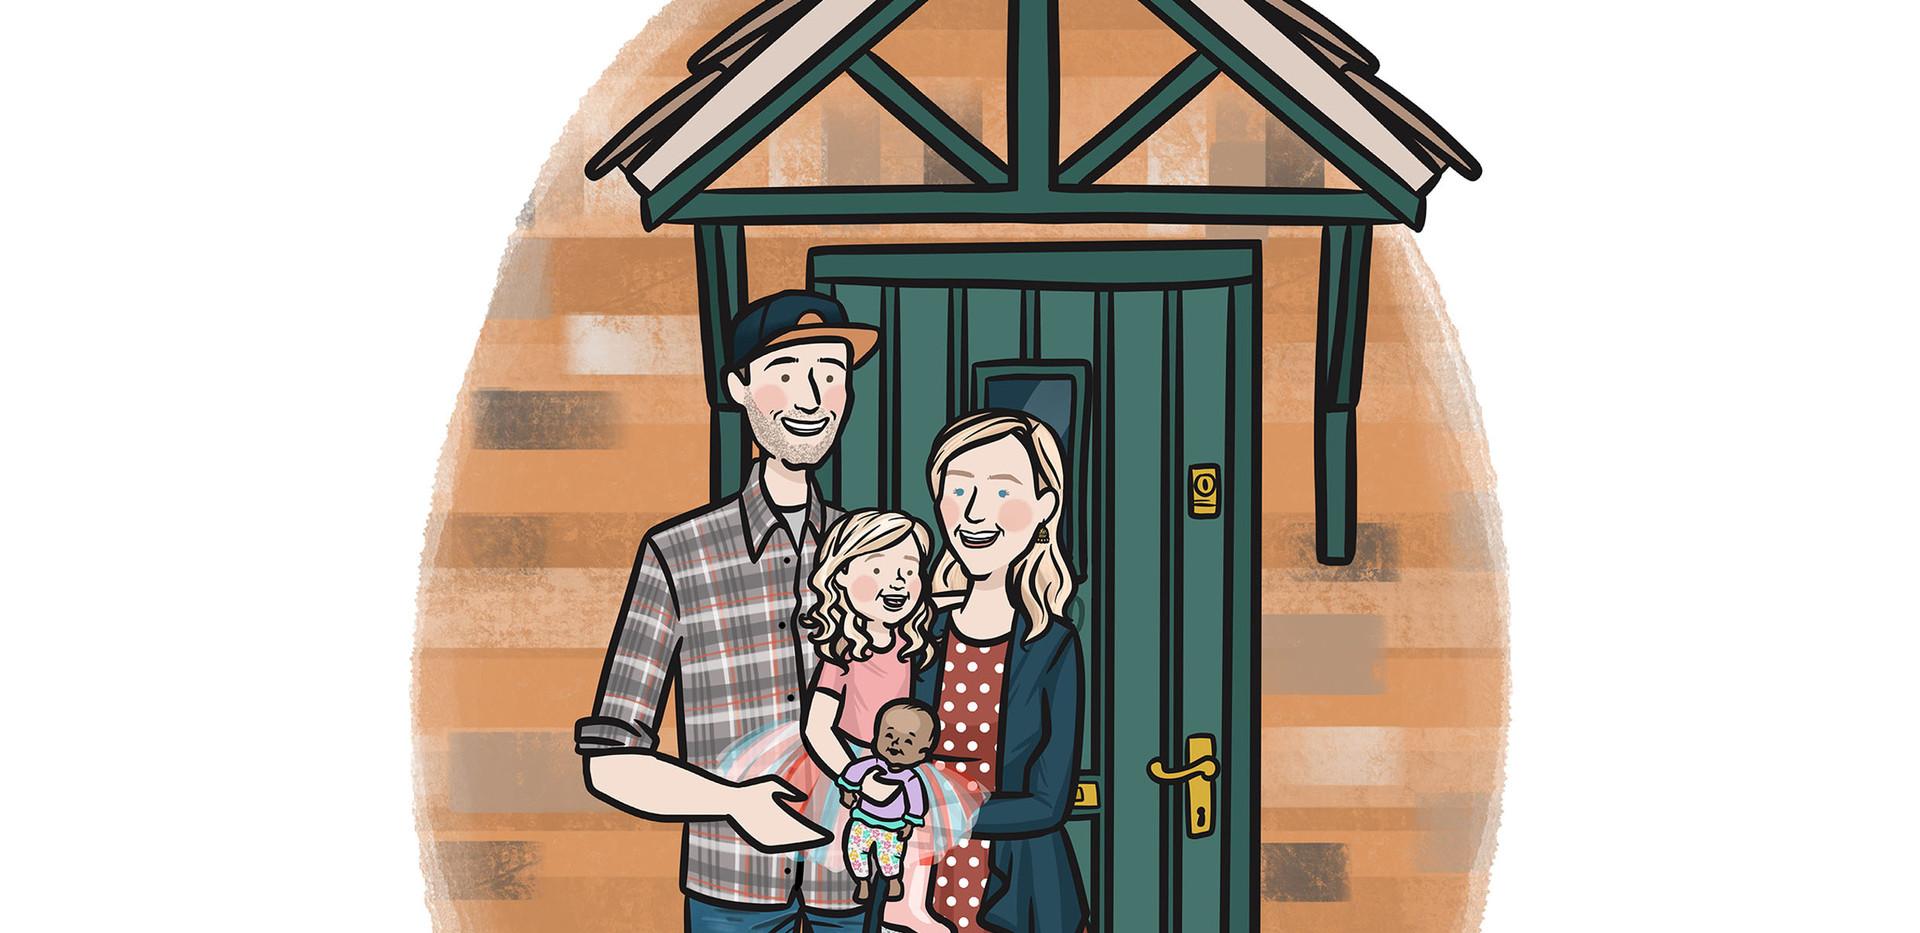 family portrait new home.jpg